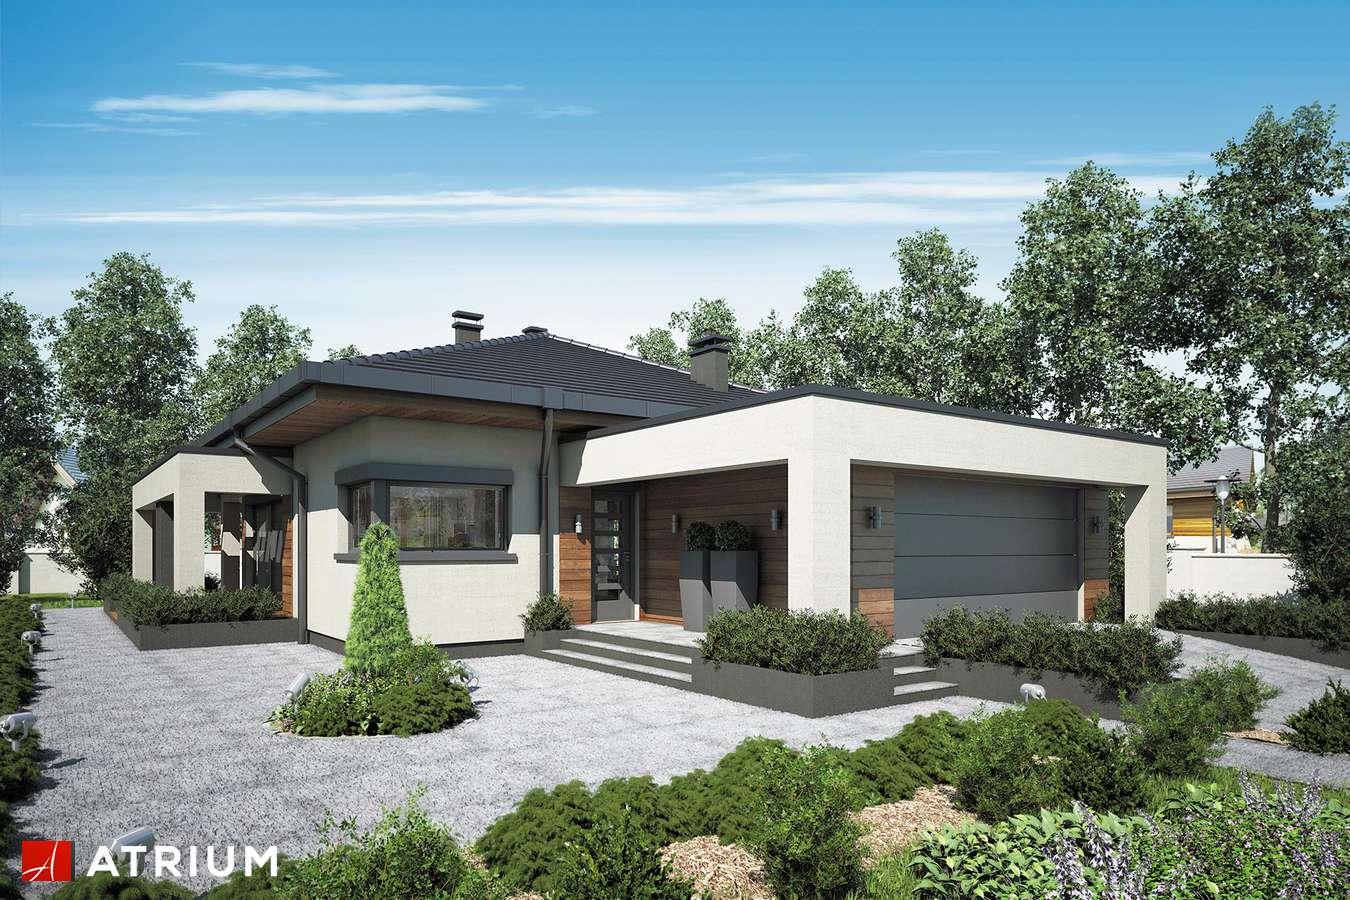 Projekty domów - Projekt domu parterowego SARDYNIA PLUS - wizualizacja 1